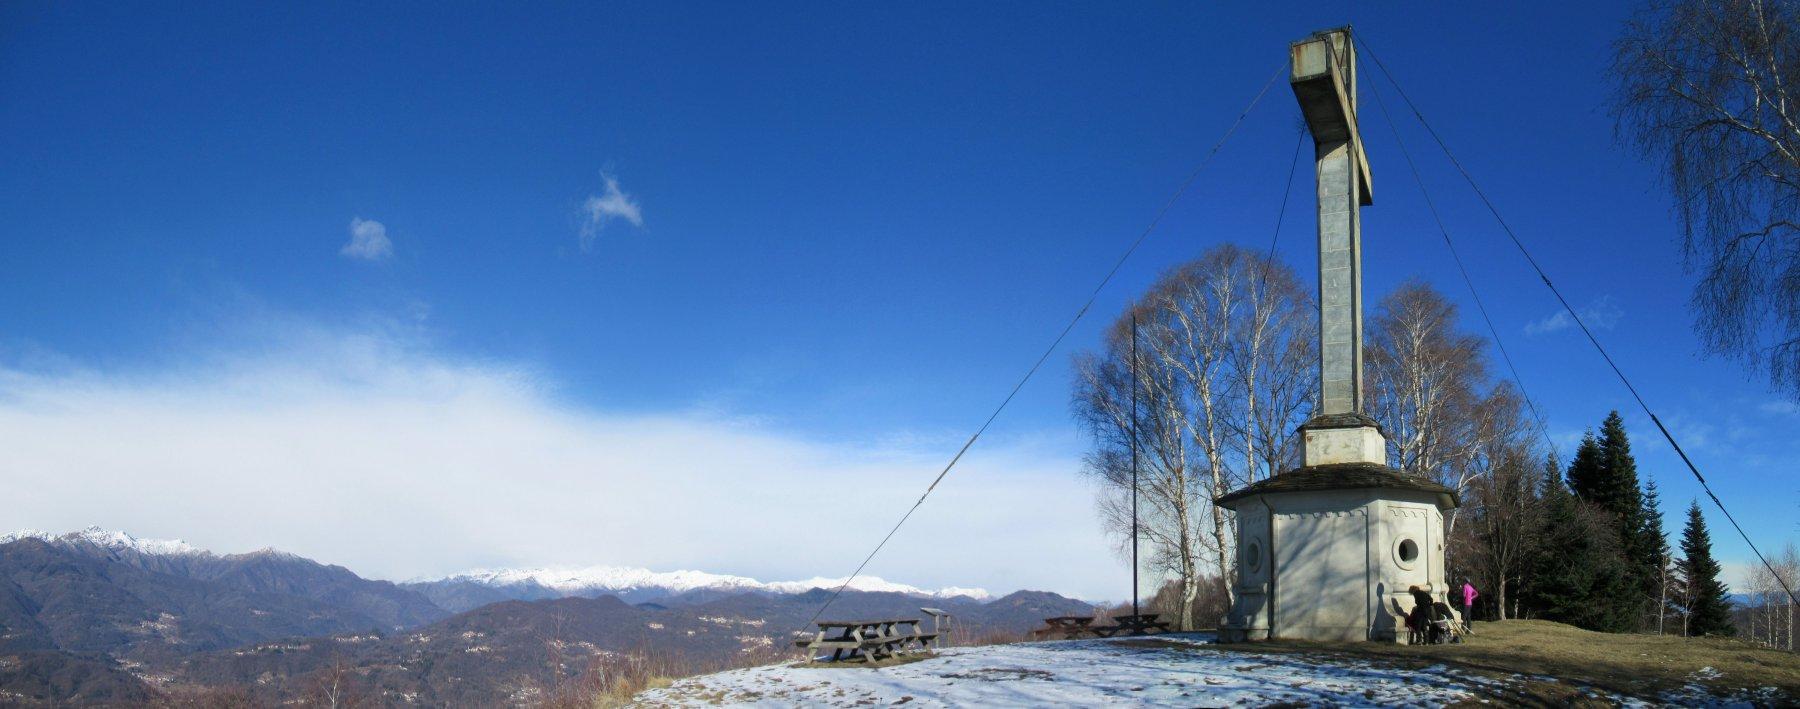 Monte Fenera la grande croce alta 12 m.